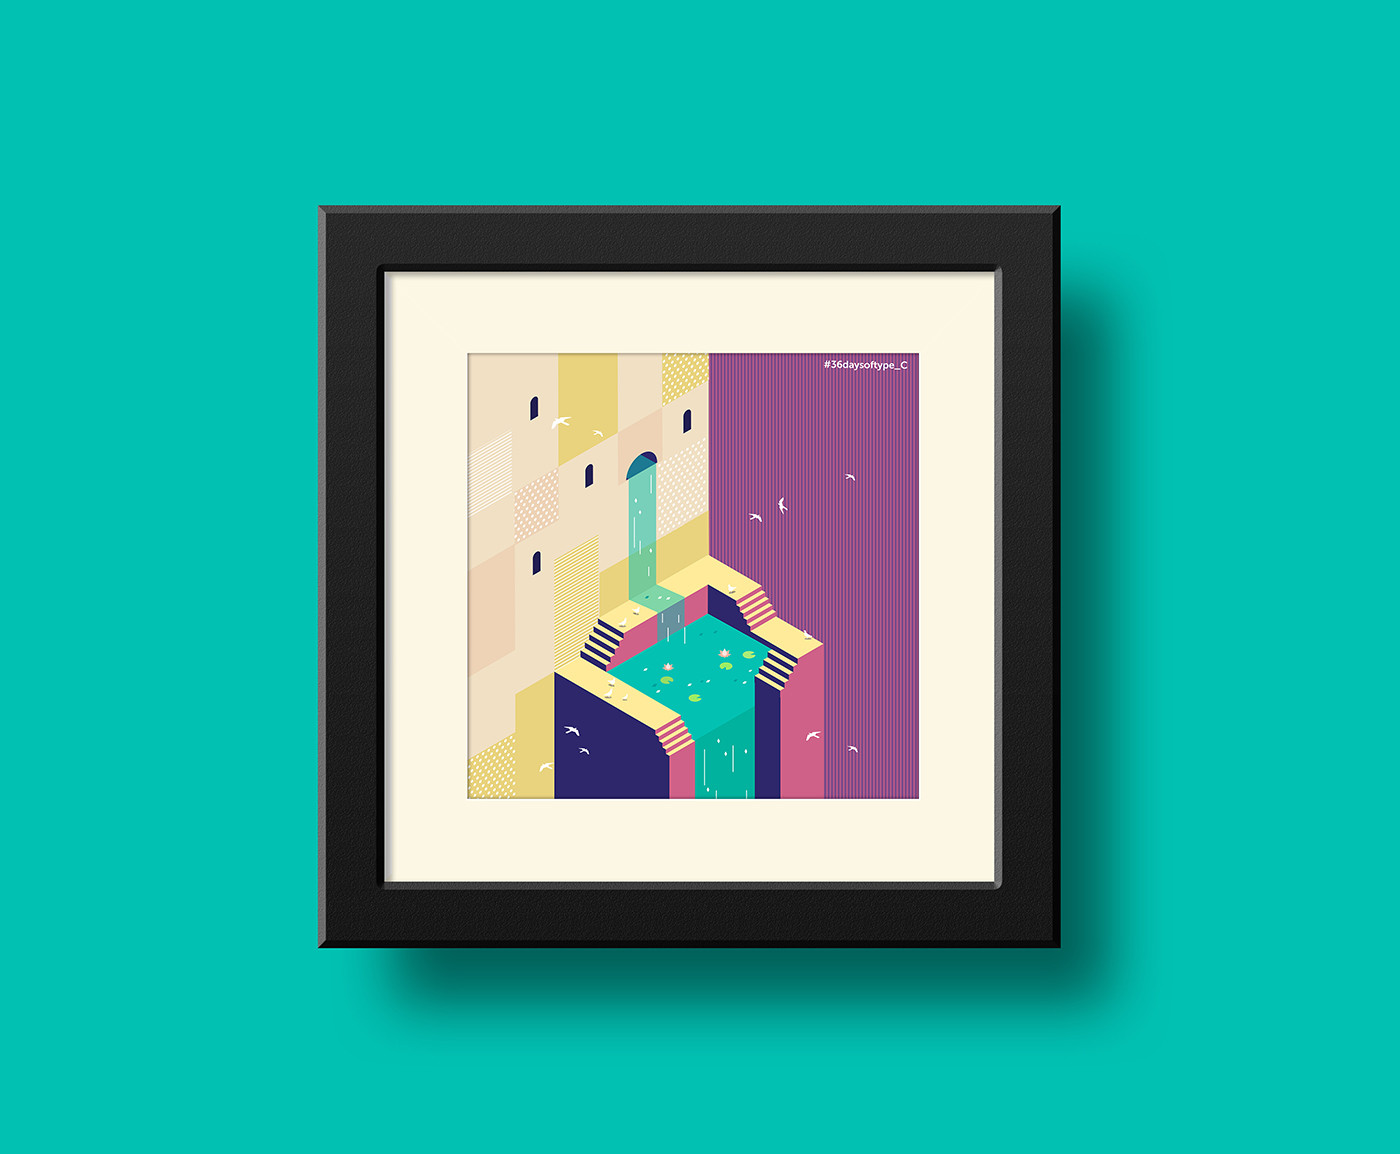 frame c.jpg